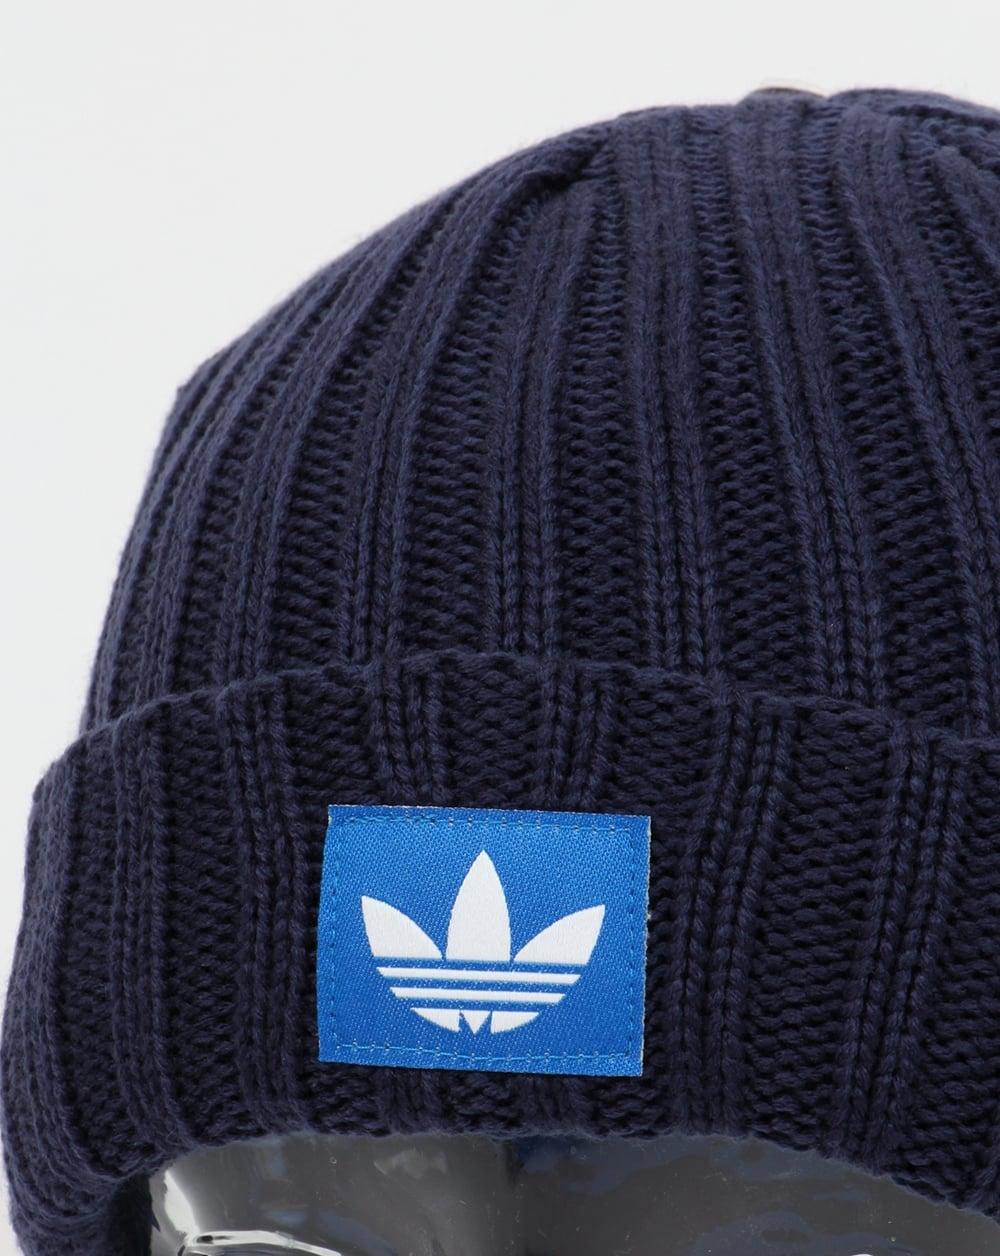 29c19beb556c6 adidas original beanie hat